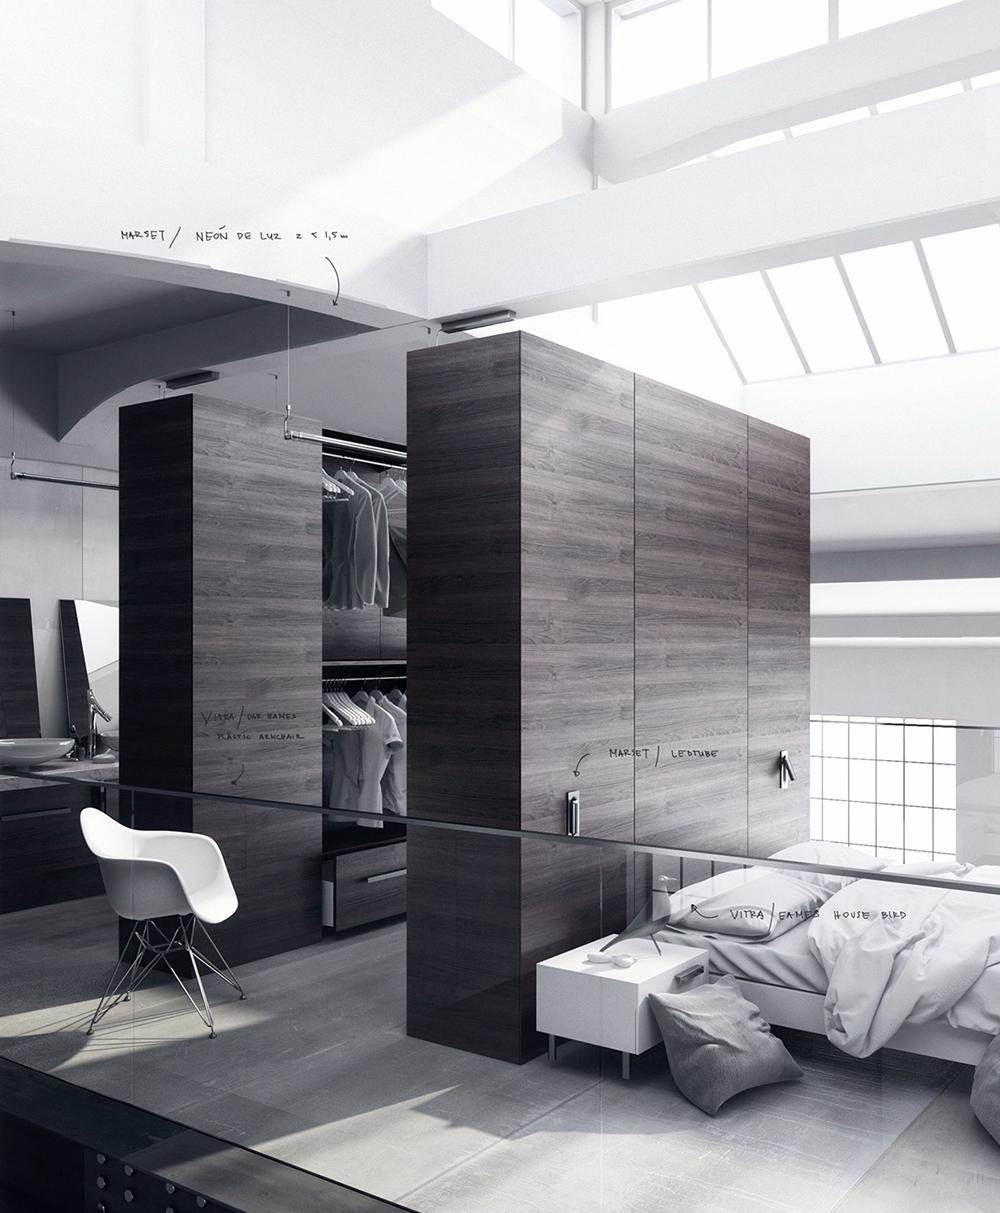 Thiết kế phòng ngủ với tủ quần áo thông minh